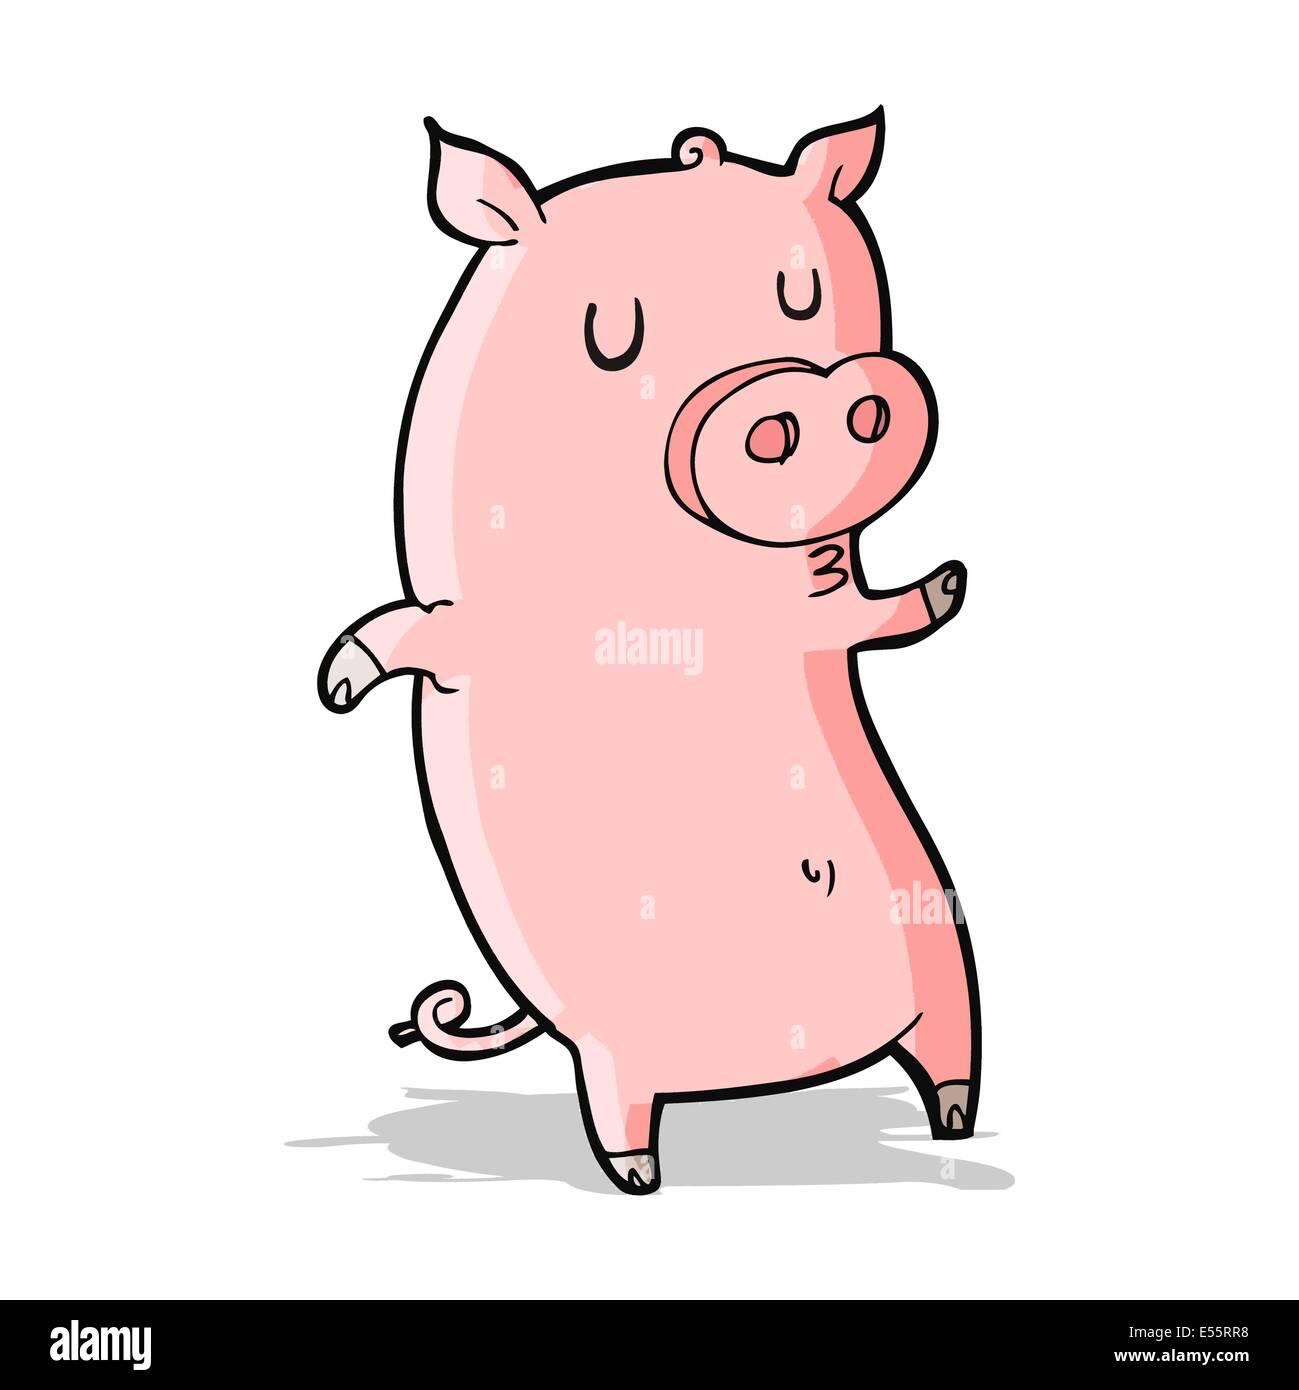 funny cartoon pig stock vector art illustration vector image